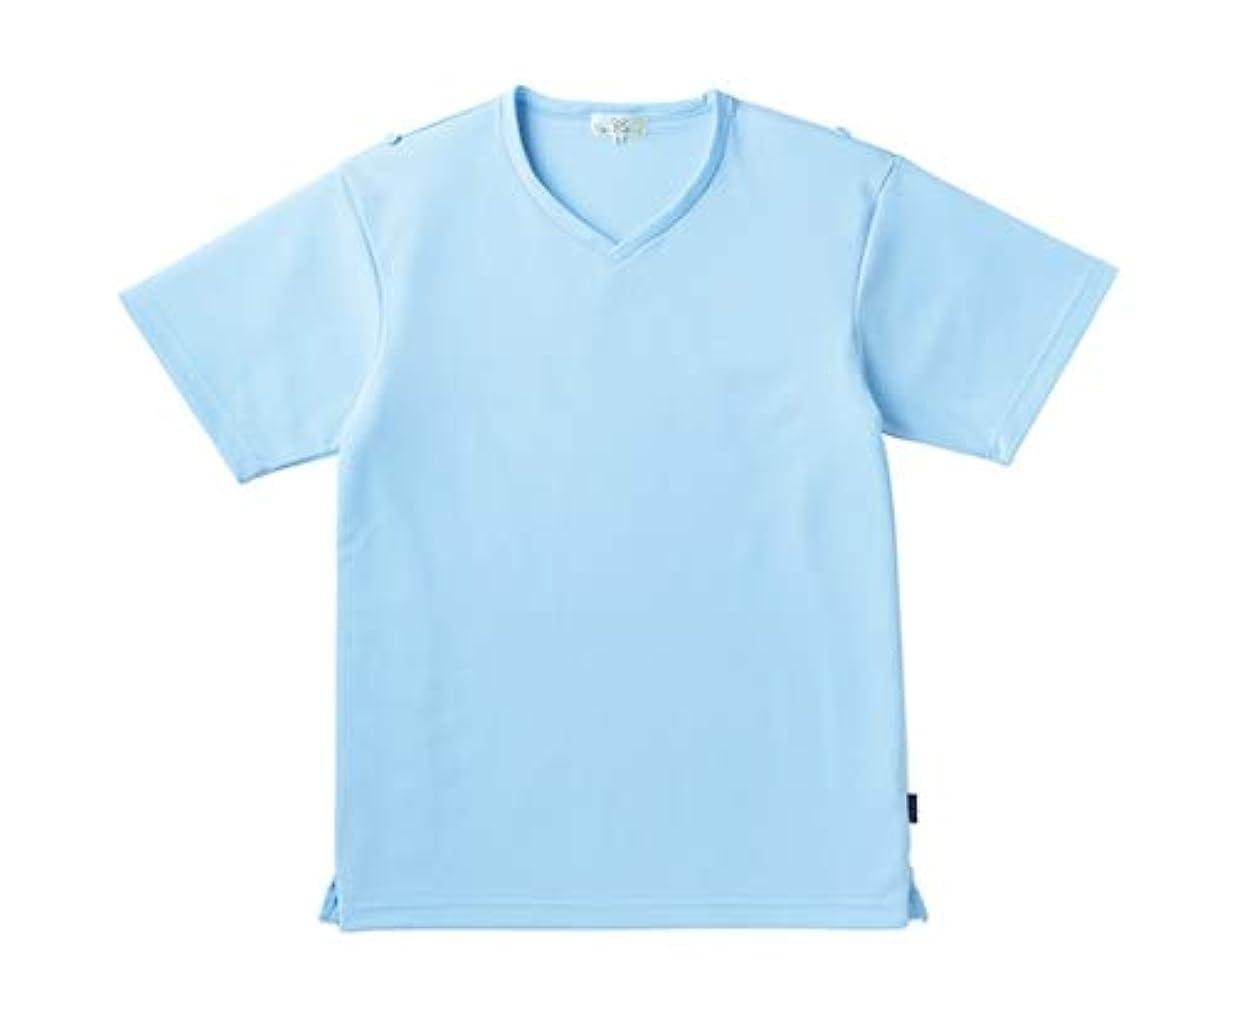 すすり泣き間に合わせ承知しましたトンボ/KIRAKU 入浴介助用シャツ CR160 3L サックス